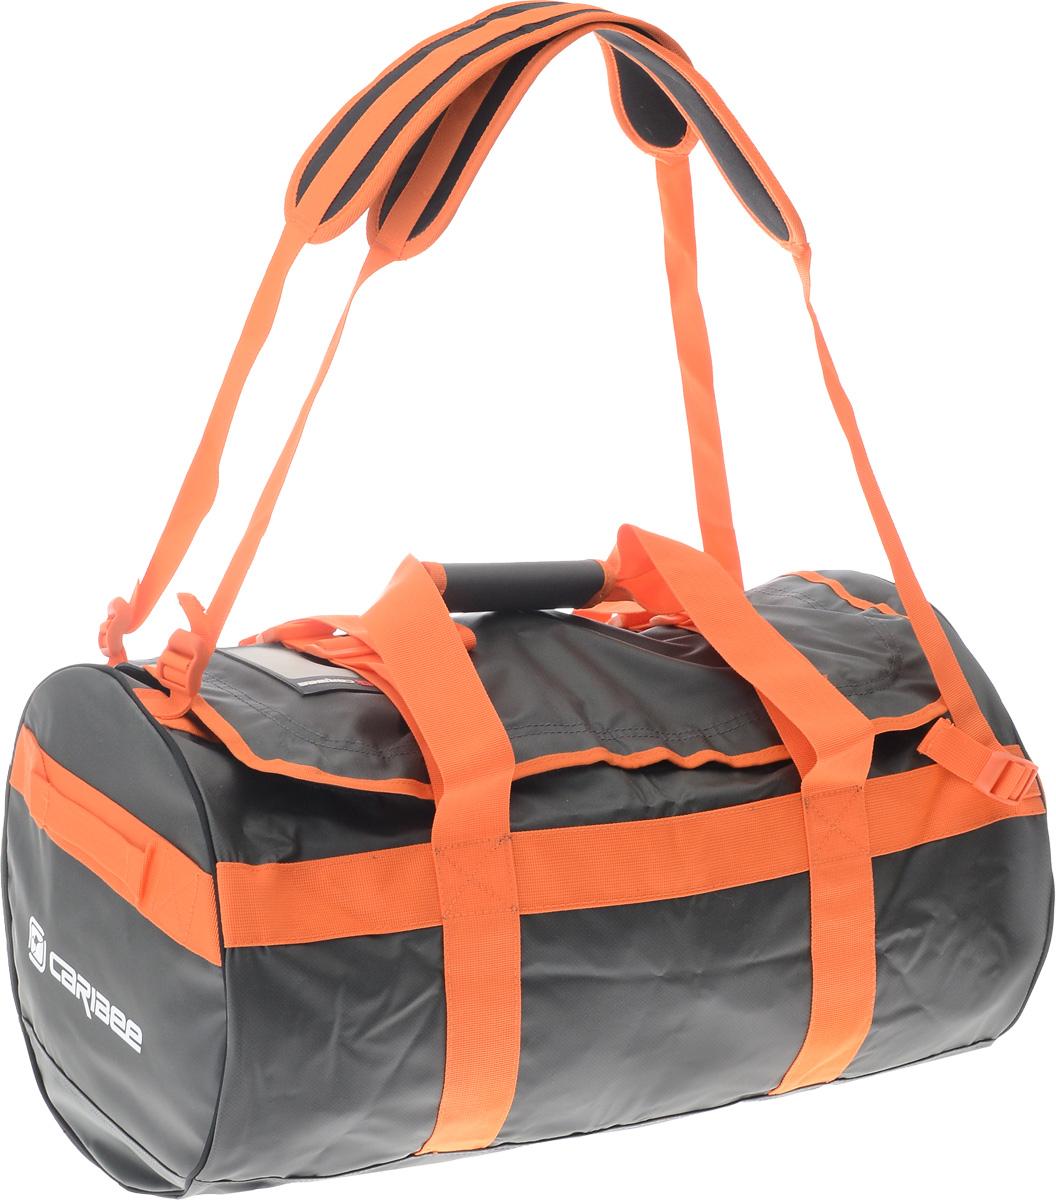 Сумка спортивная Caribee Kokoda, цвет: темно-серый, оранжевый, 65 л332515-2800Сумка Caribee Kokoda имеет стильный дизайн, легкий вес и большую вместительность! Она выполнена из материала, устойчивого к промоканию даже в штормовую погоду. Стойкие к воде молнии. Изделие оснащено регулируемыми плечевыми ремнями, позволяющими превратить сумку в рюкзак. Вшитые по всей окружности стяжки служат для дополнительной прочности. Сумка была разработана с учетом привлекательного вида, практичной функциональности и прочной конструкции. Будьте уверены, что вы доберетесь до места назначения и ваш багаж будет в полной сохранности!Собираясь в поход с такой сумкой, вы можете позволить себе взять все необходимые вещи. Объем: 65 л.